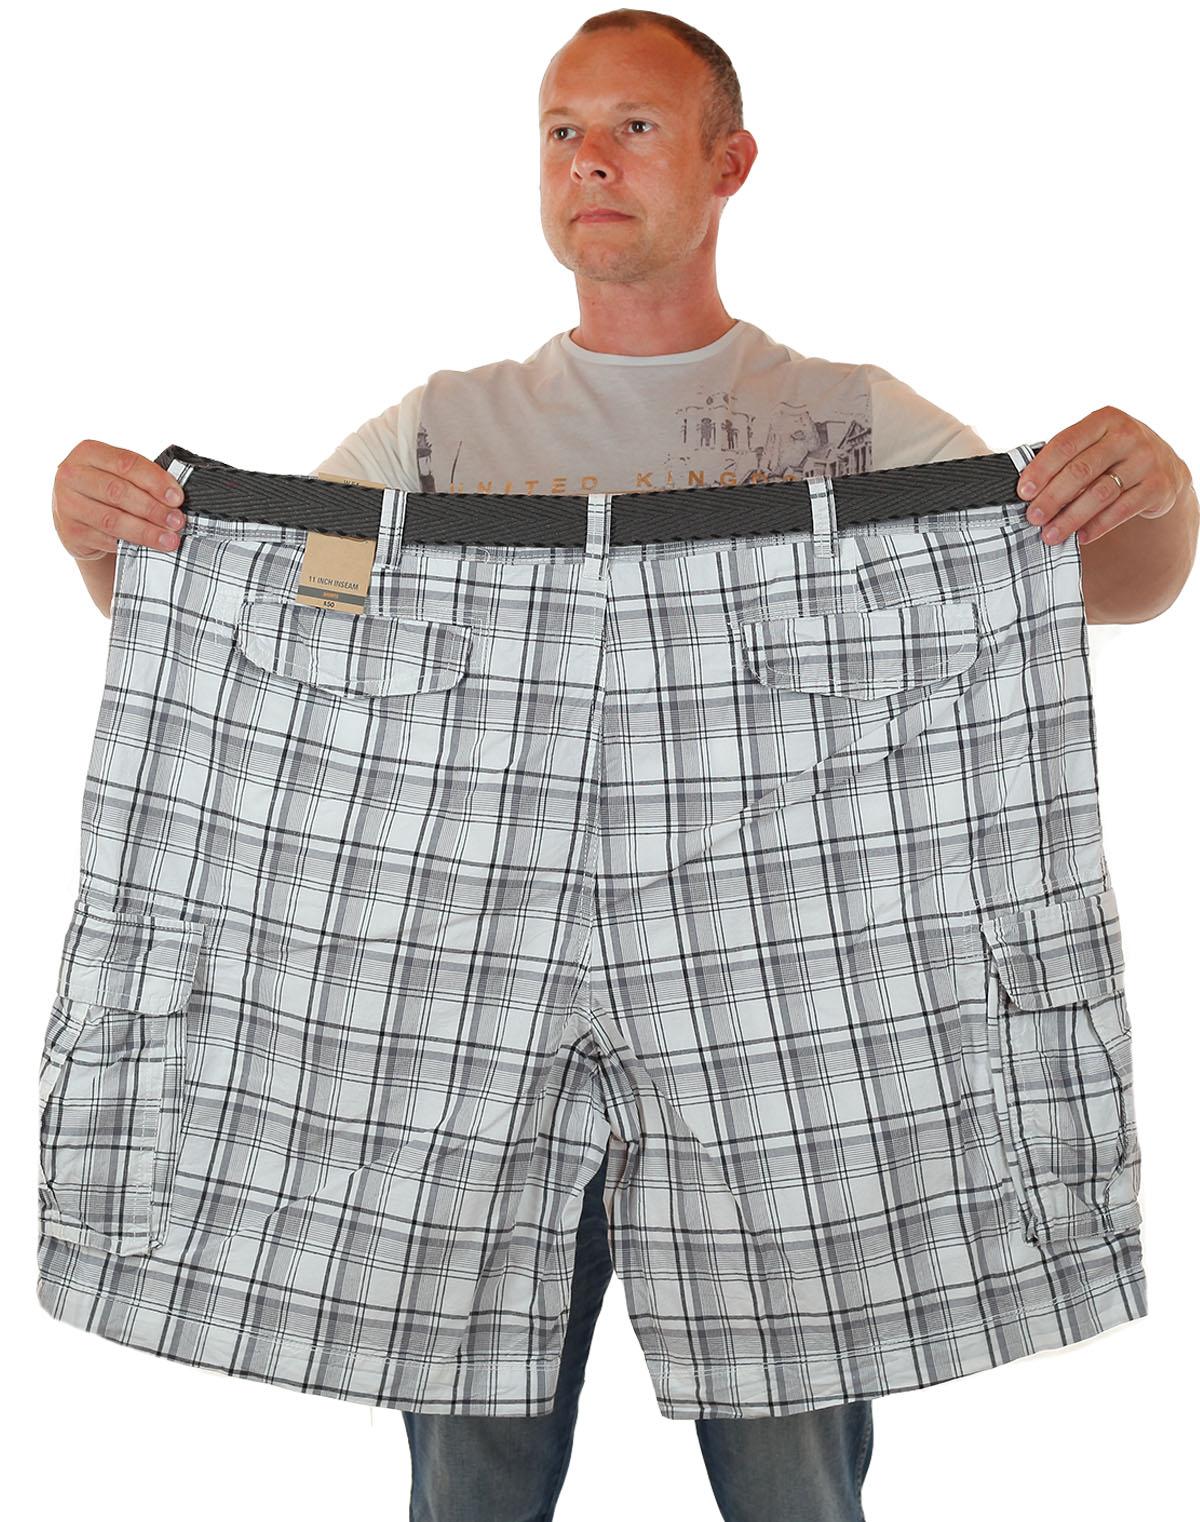 Купить мужские шорты баталы в клетку в интернет-магазине